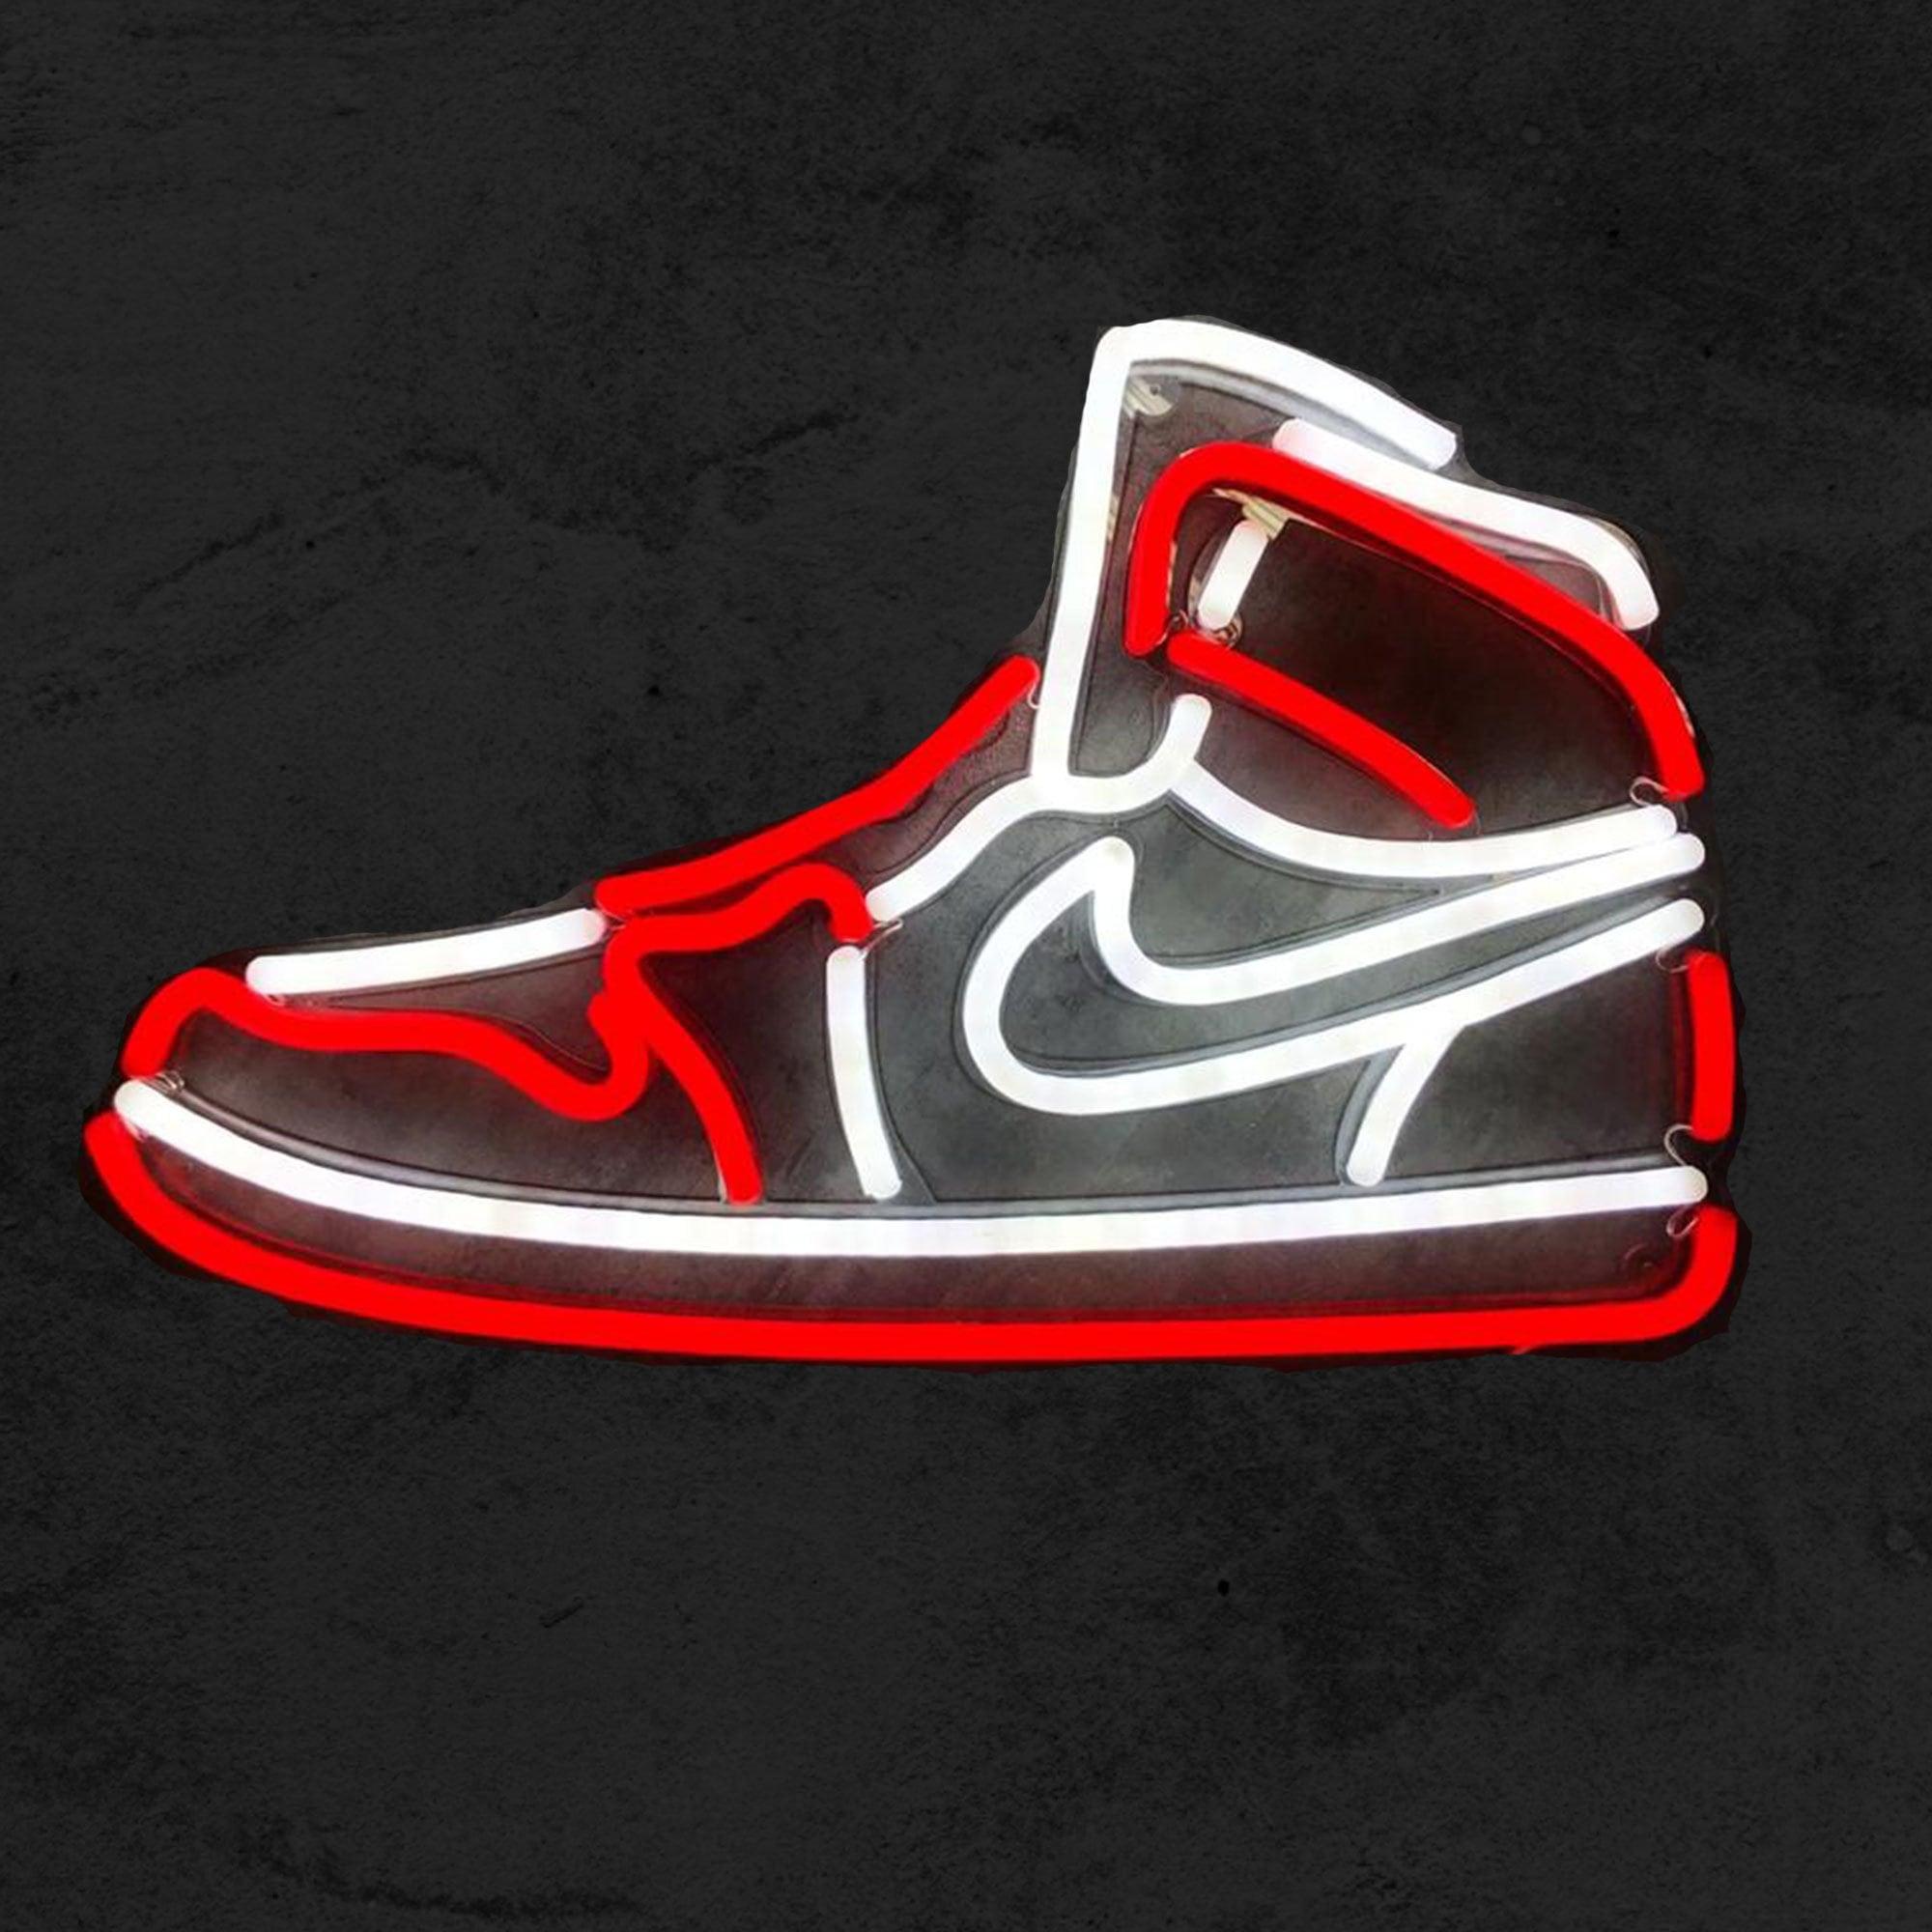 Air Jordan | LED Neon Sign, Michael Jordan Art, Air Jordan, Nike Air, Jordan, Neon Shoe, Shoes Sign, Shoe Decor, Sneakerhead